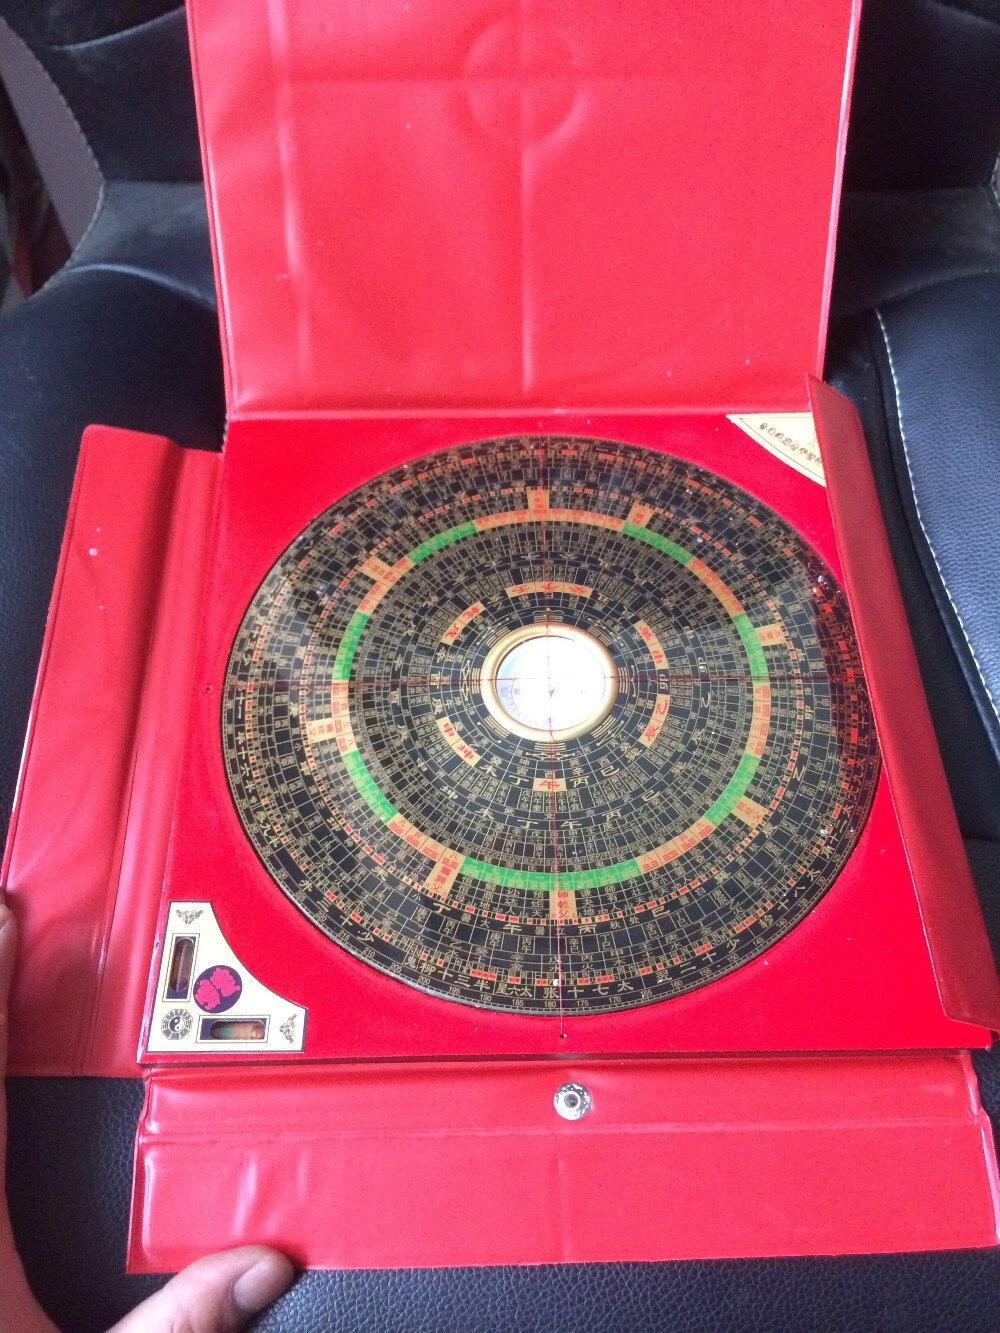 TNUKK chinois FENG SHUI Dragon métal & bois boussole magnétique en plastique rouge boîtier nouveau métal artisanat.